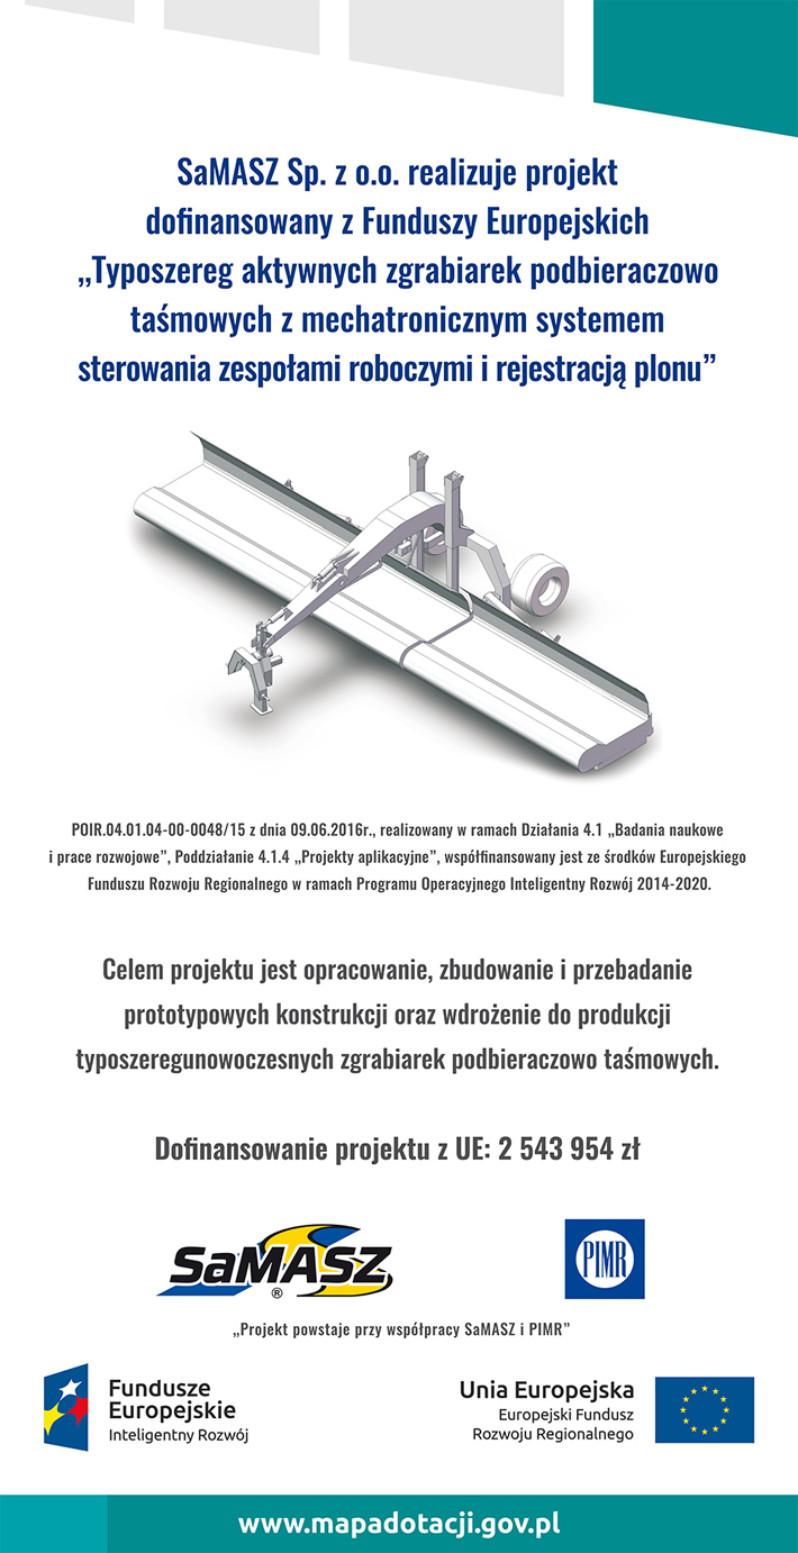 Pimr Zgrabiarka2